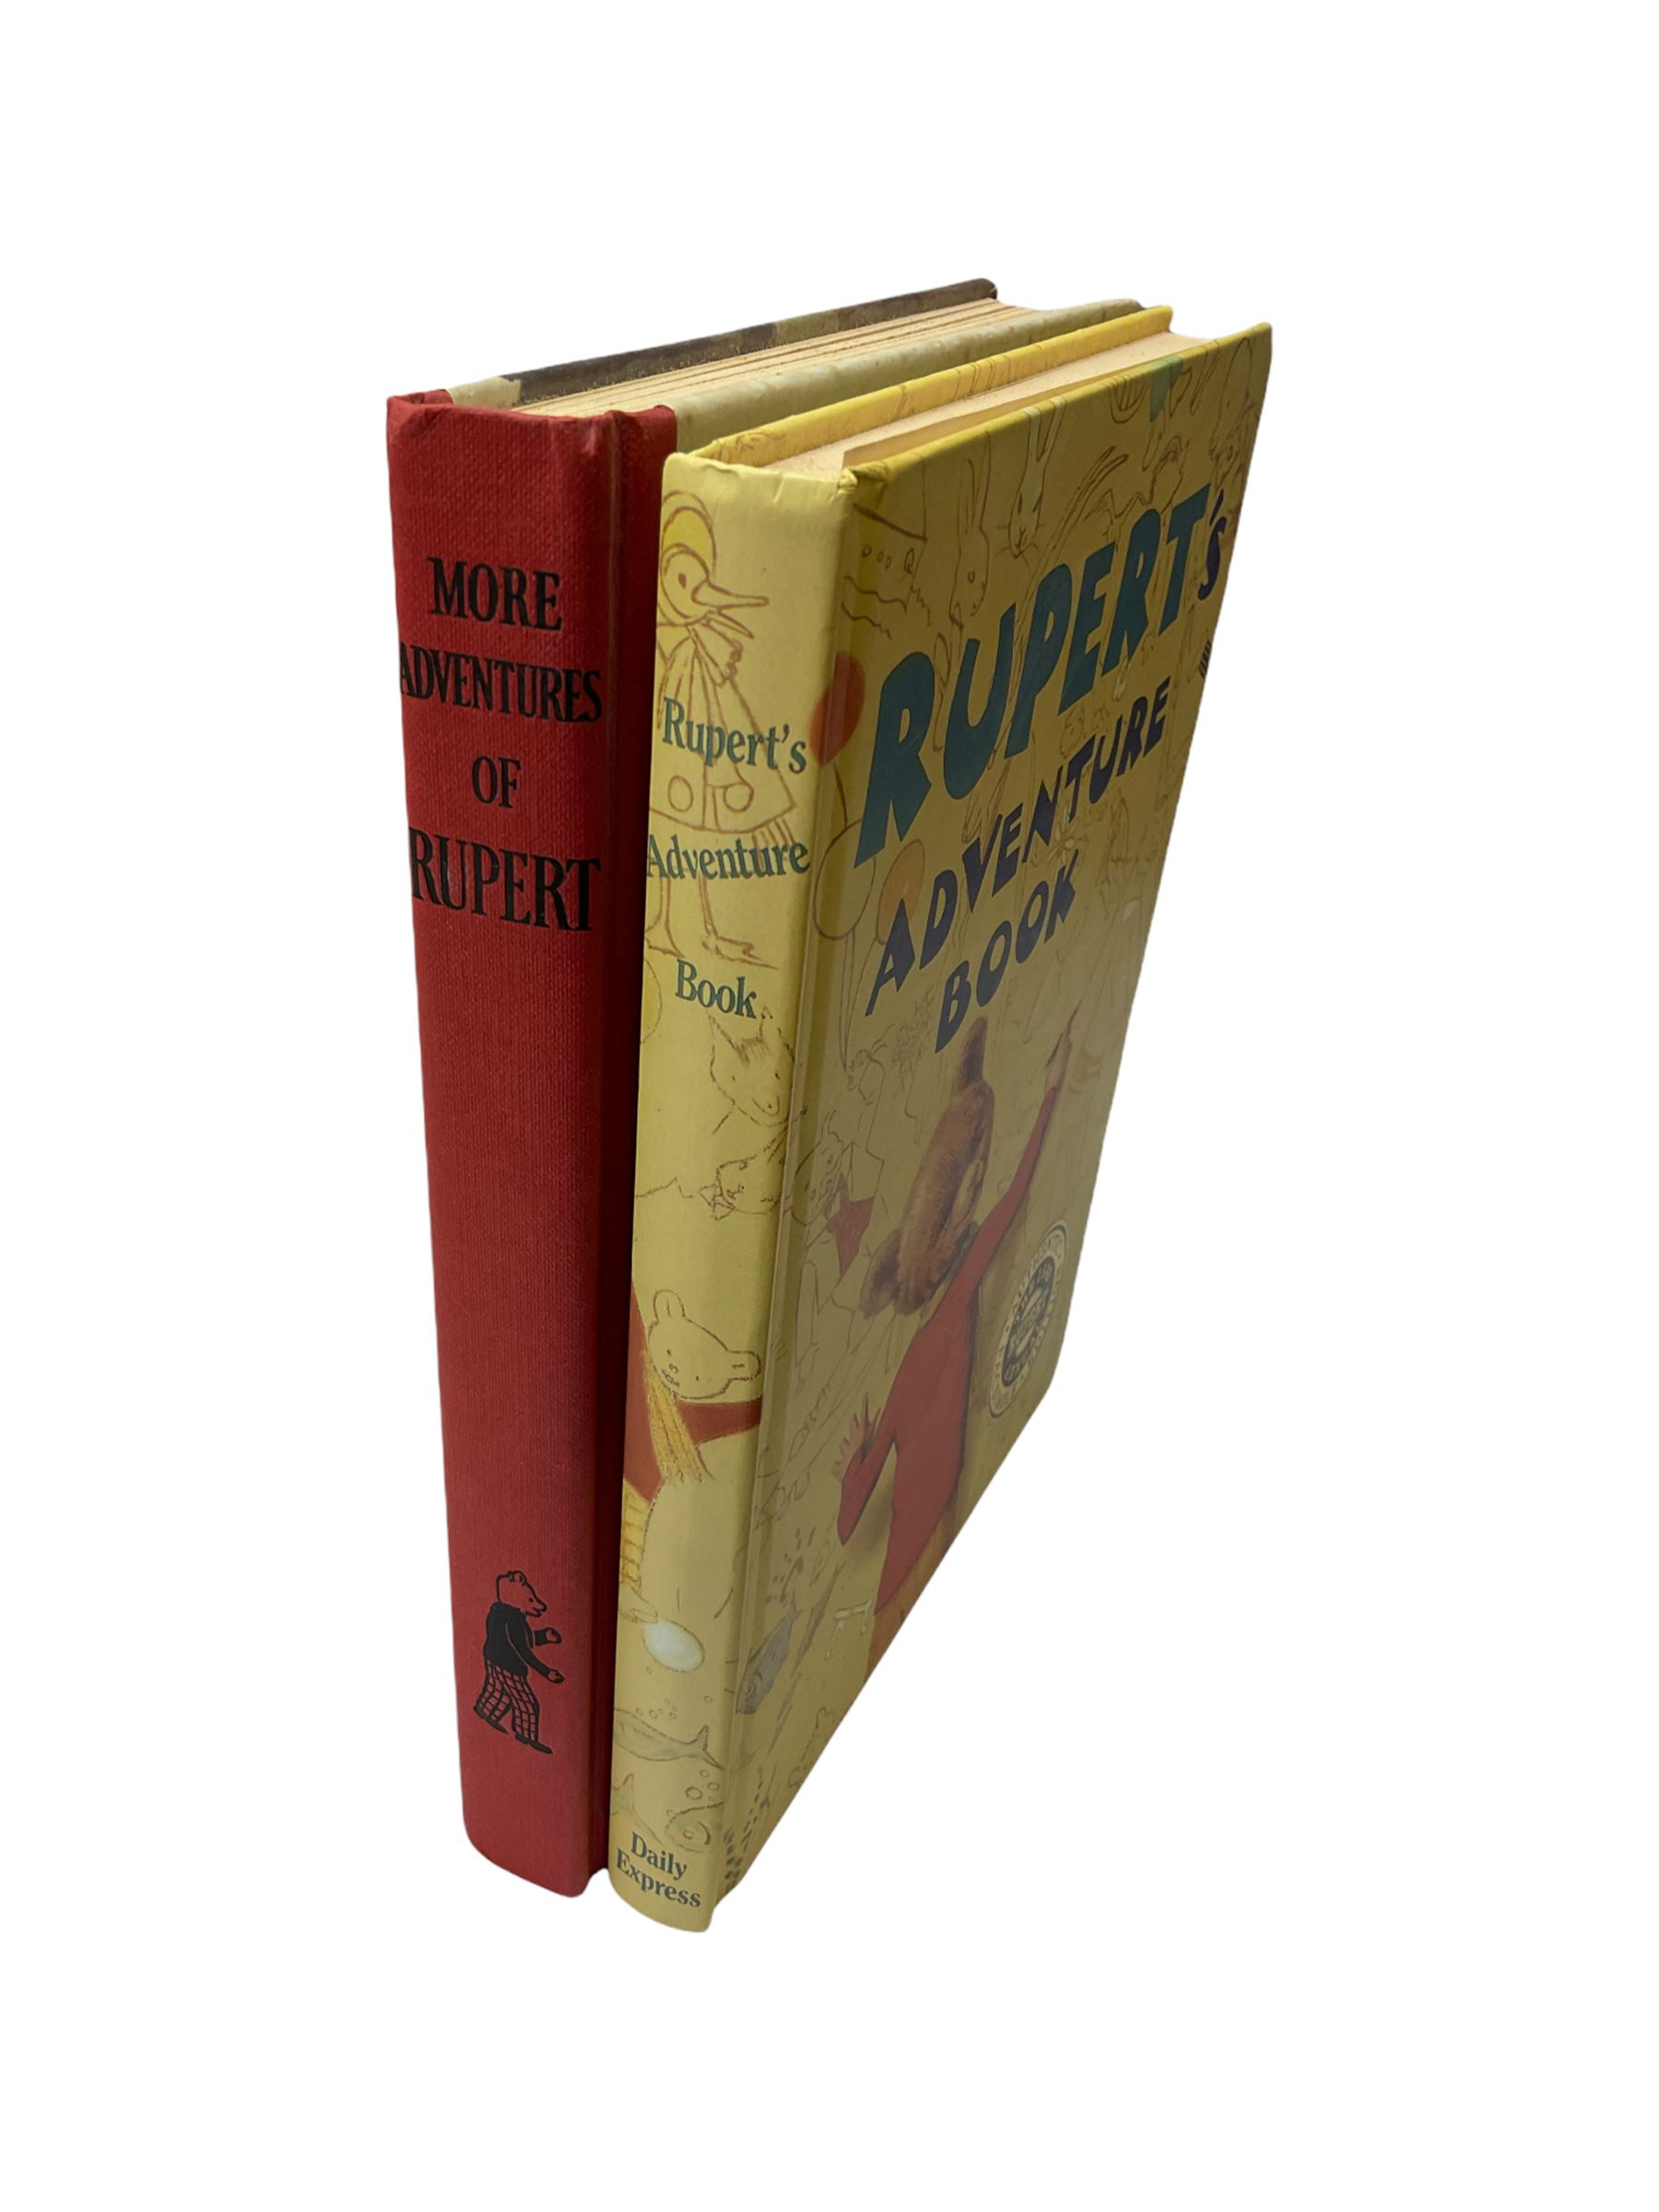 Rupert Bear - More Adventures of Rupert 1947 and The Rupert Book 1948 - Image 5 of 8